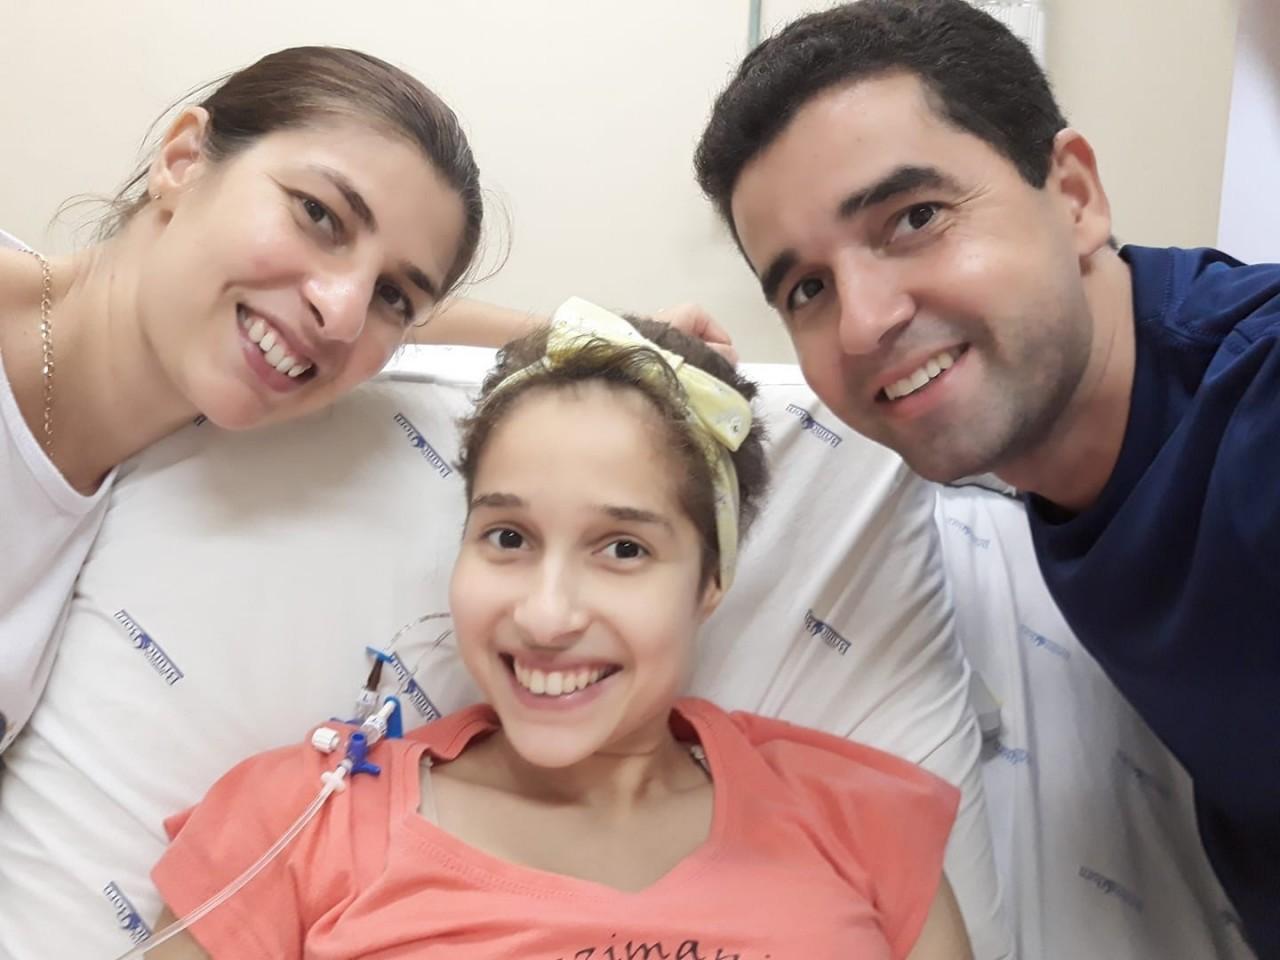 Jovem de Paverama com leucemia consegue leito no Hospital Albert Einstein